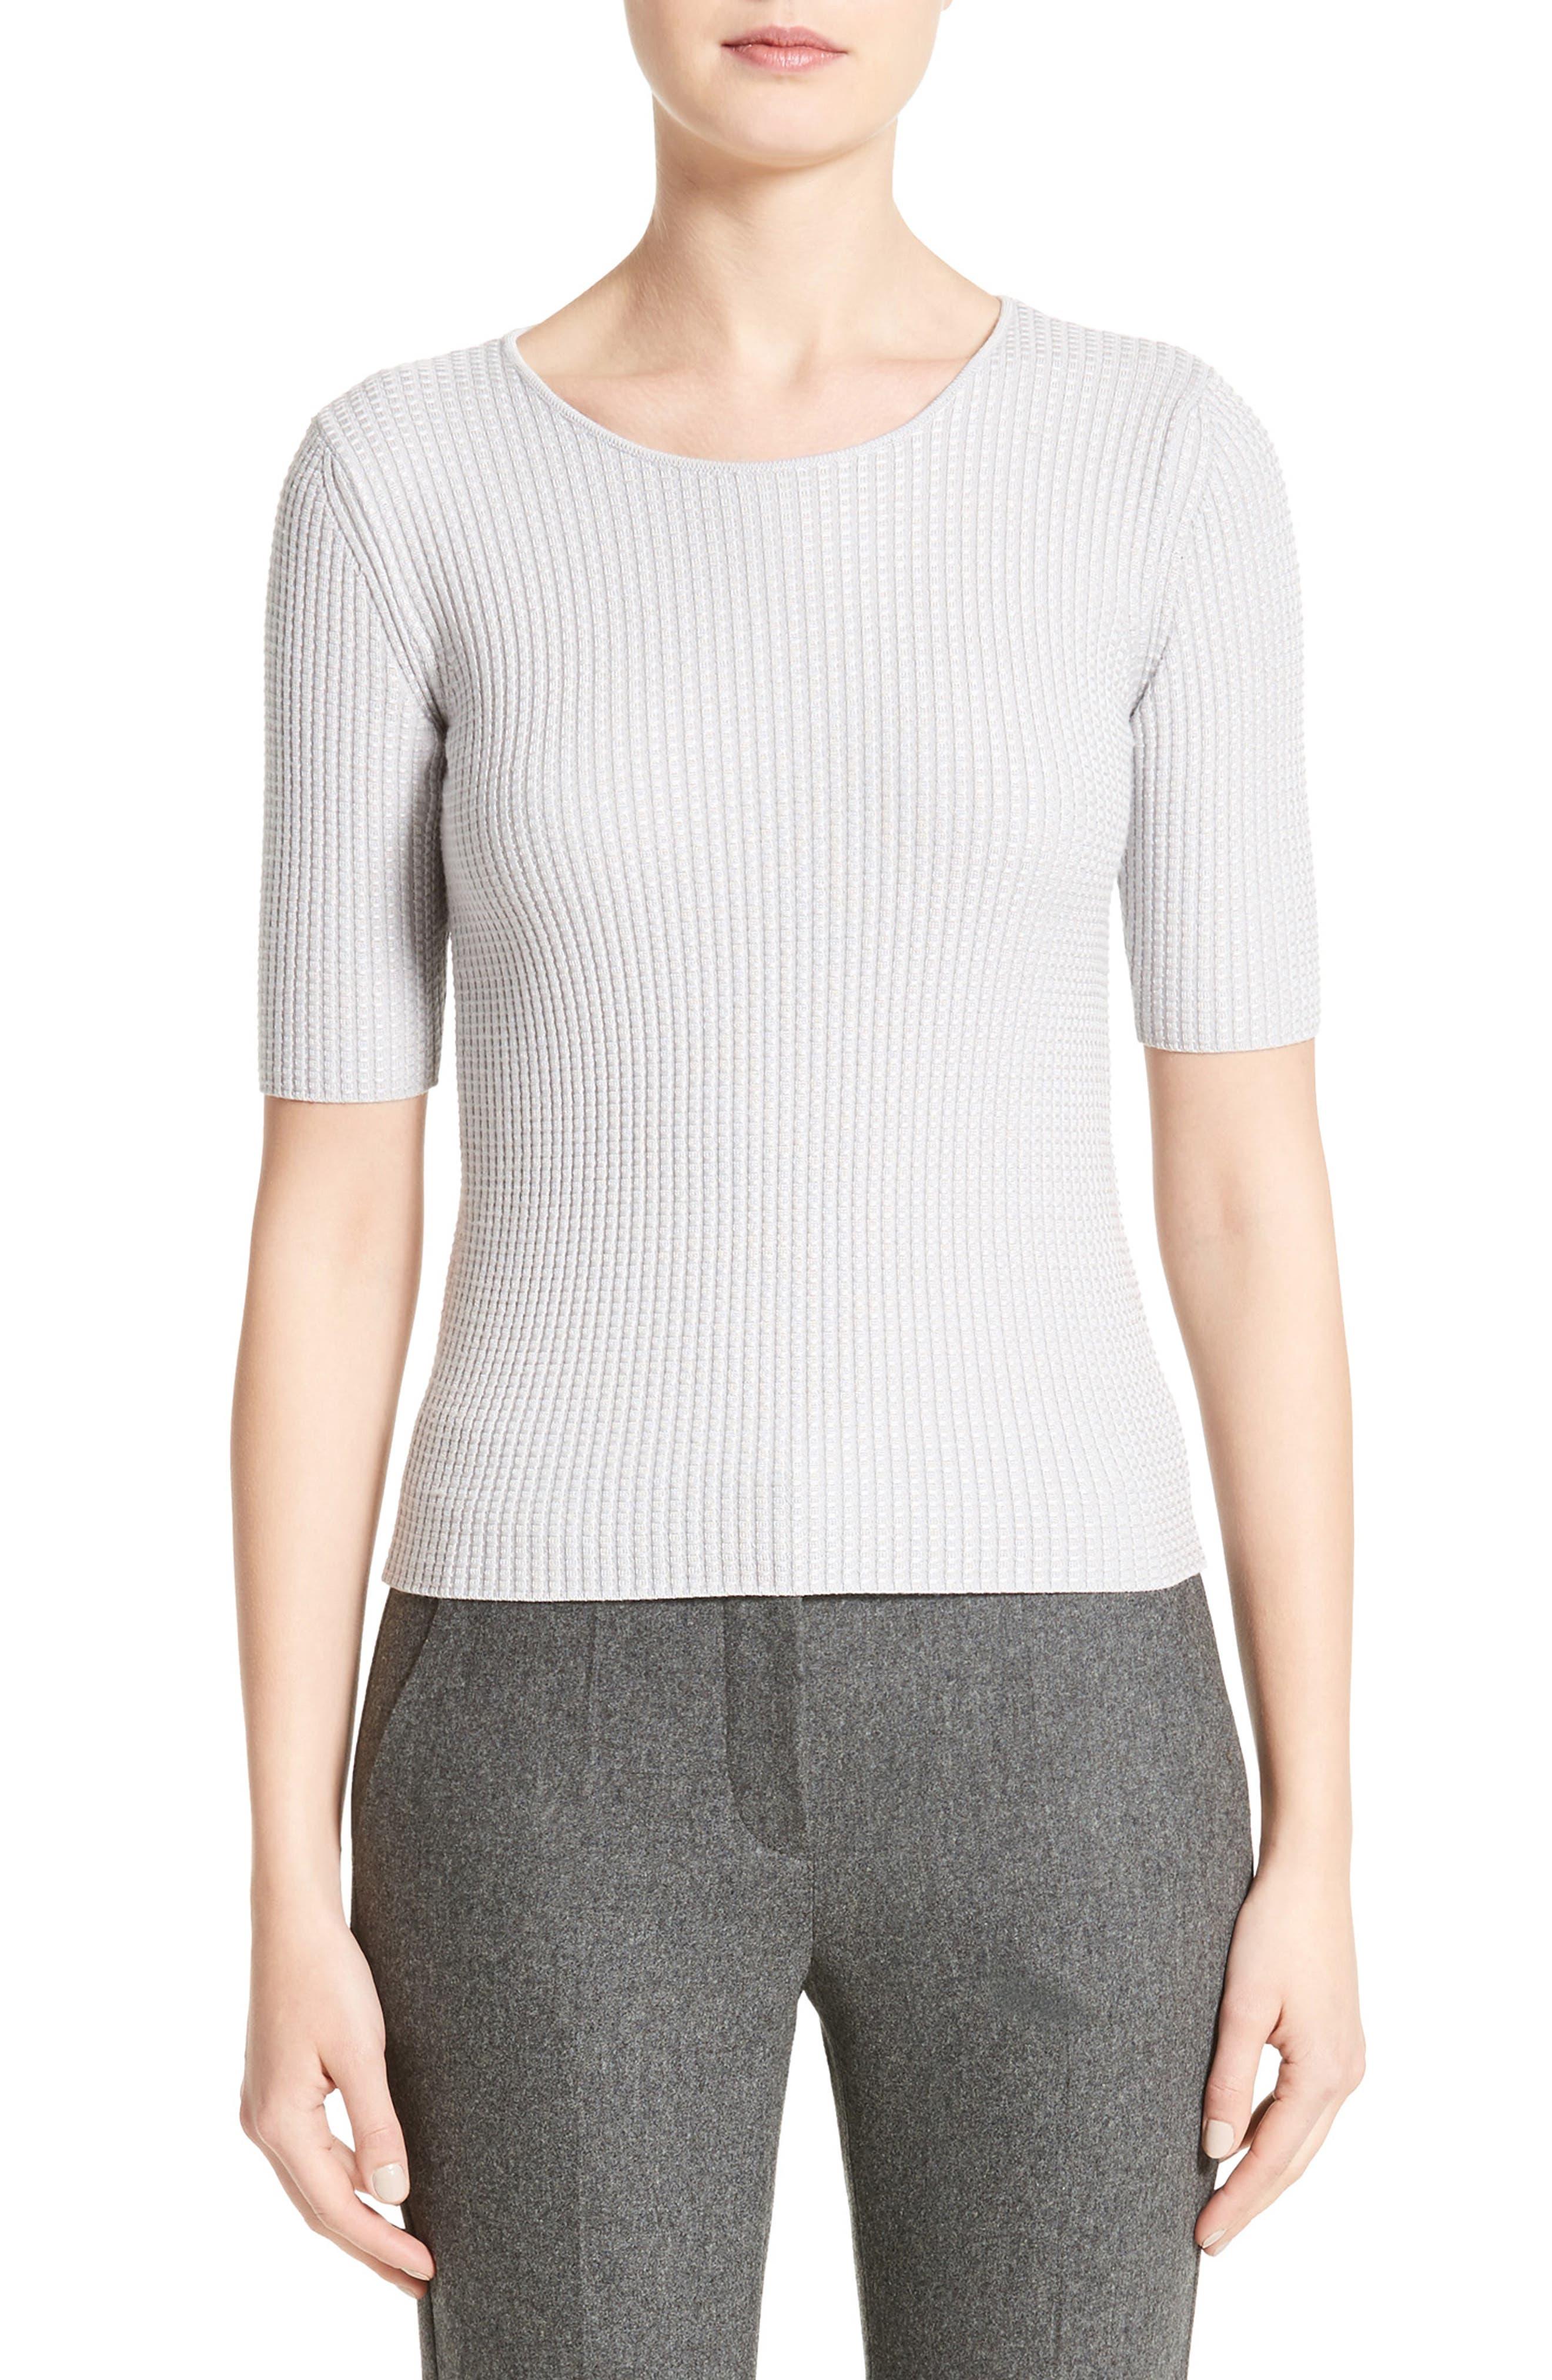 Main Image - Armani Collezioni Stretch Wool Blend Top